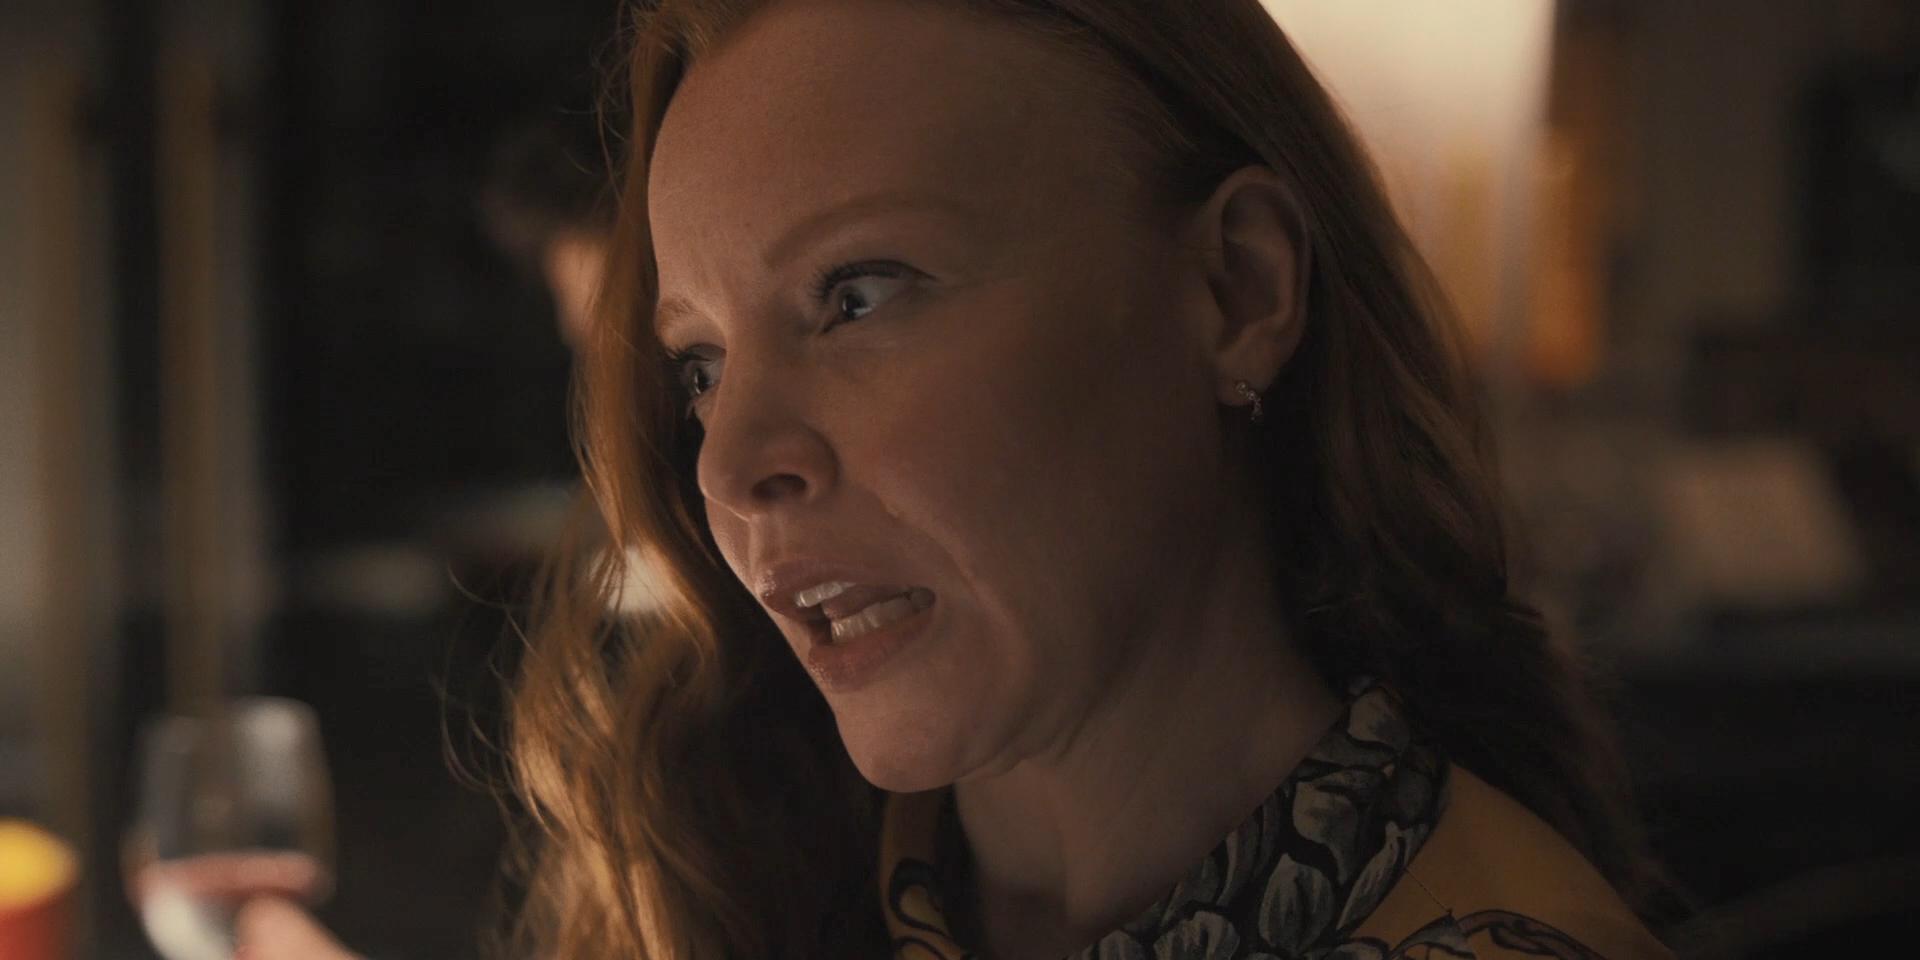 Изображение для Дом с прислугой / Servant, Сезон 1, Серии 1-10 из 10 (2019) WEBRip 1080p (кликните для просмотра полного изображения)